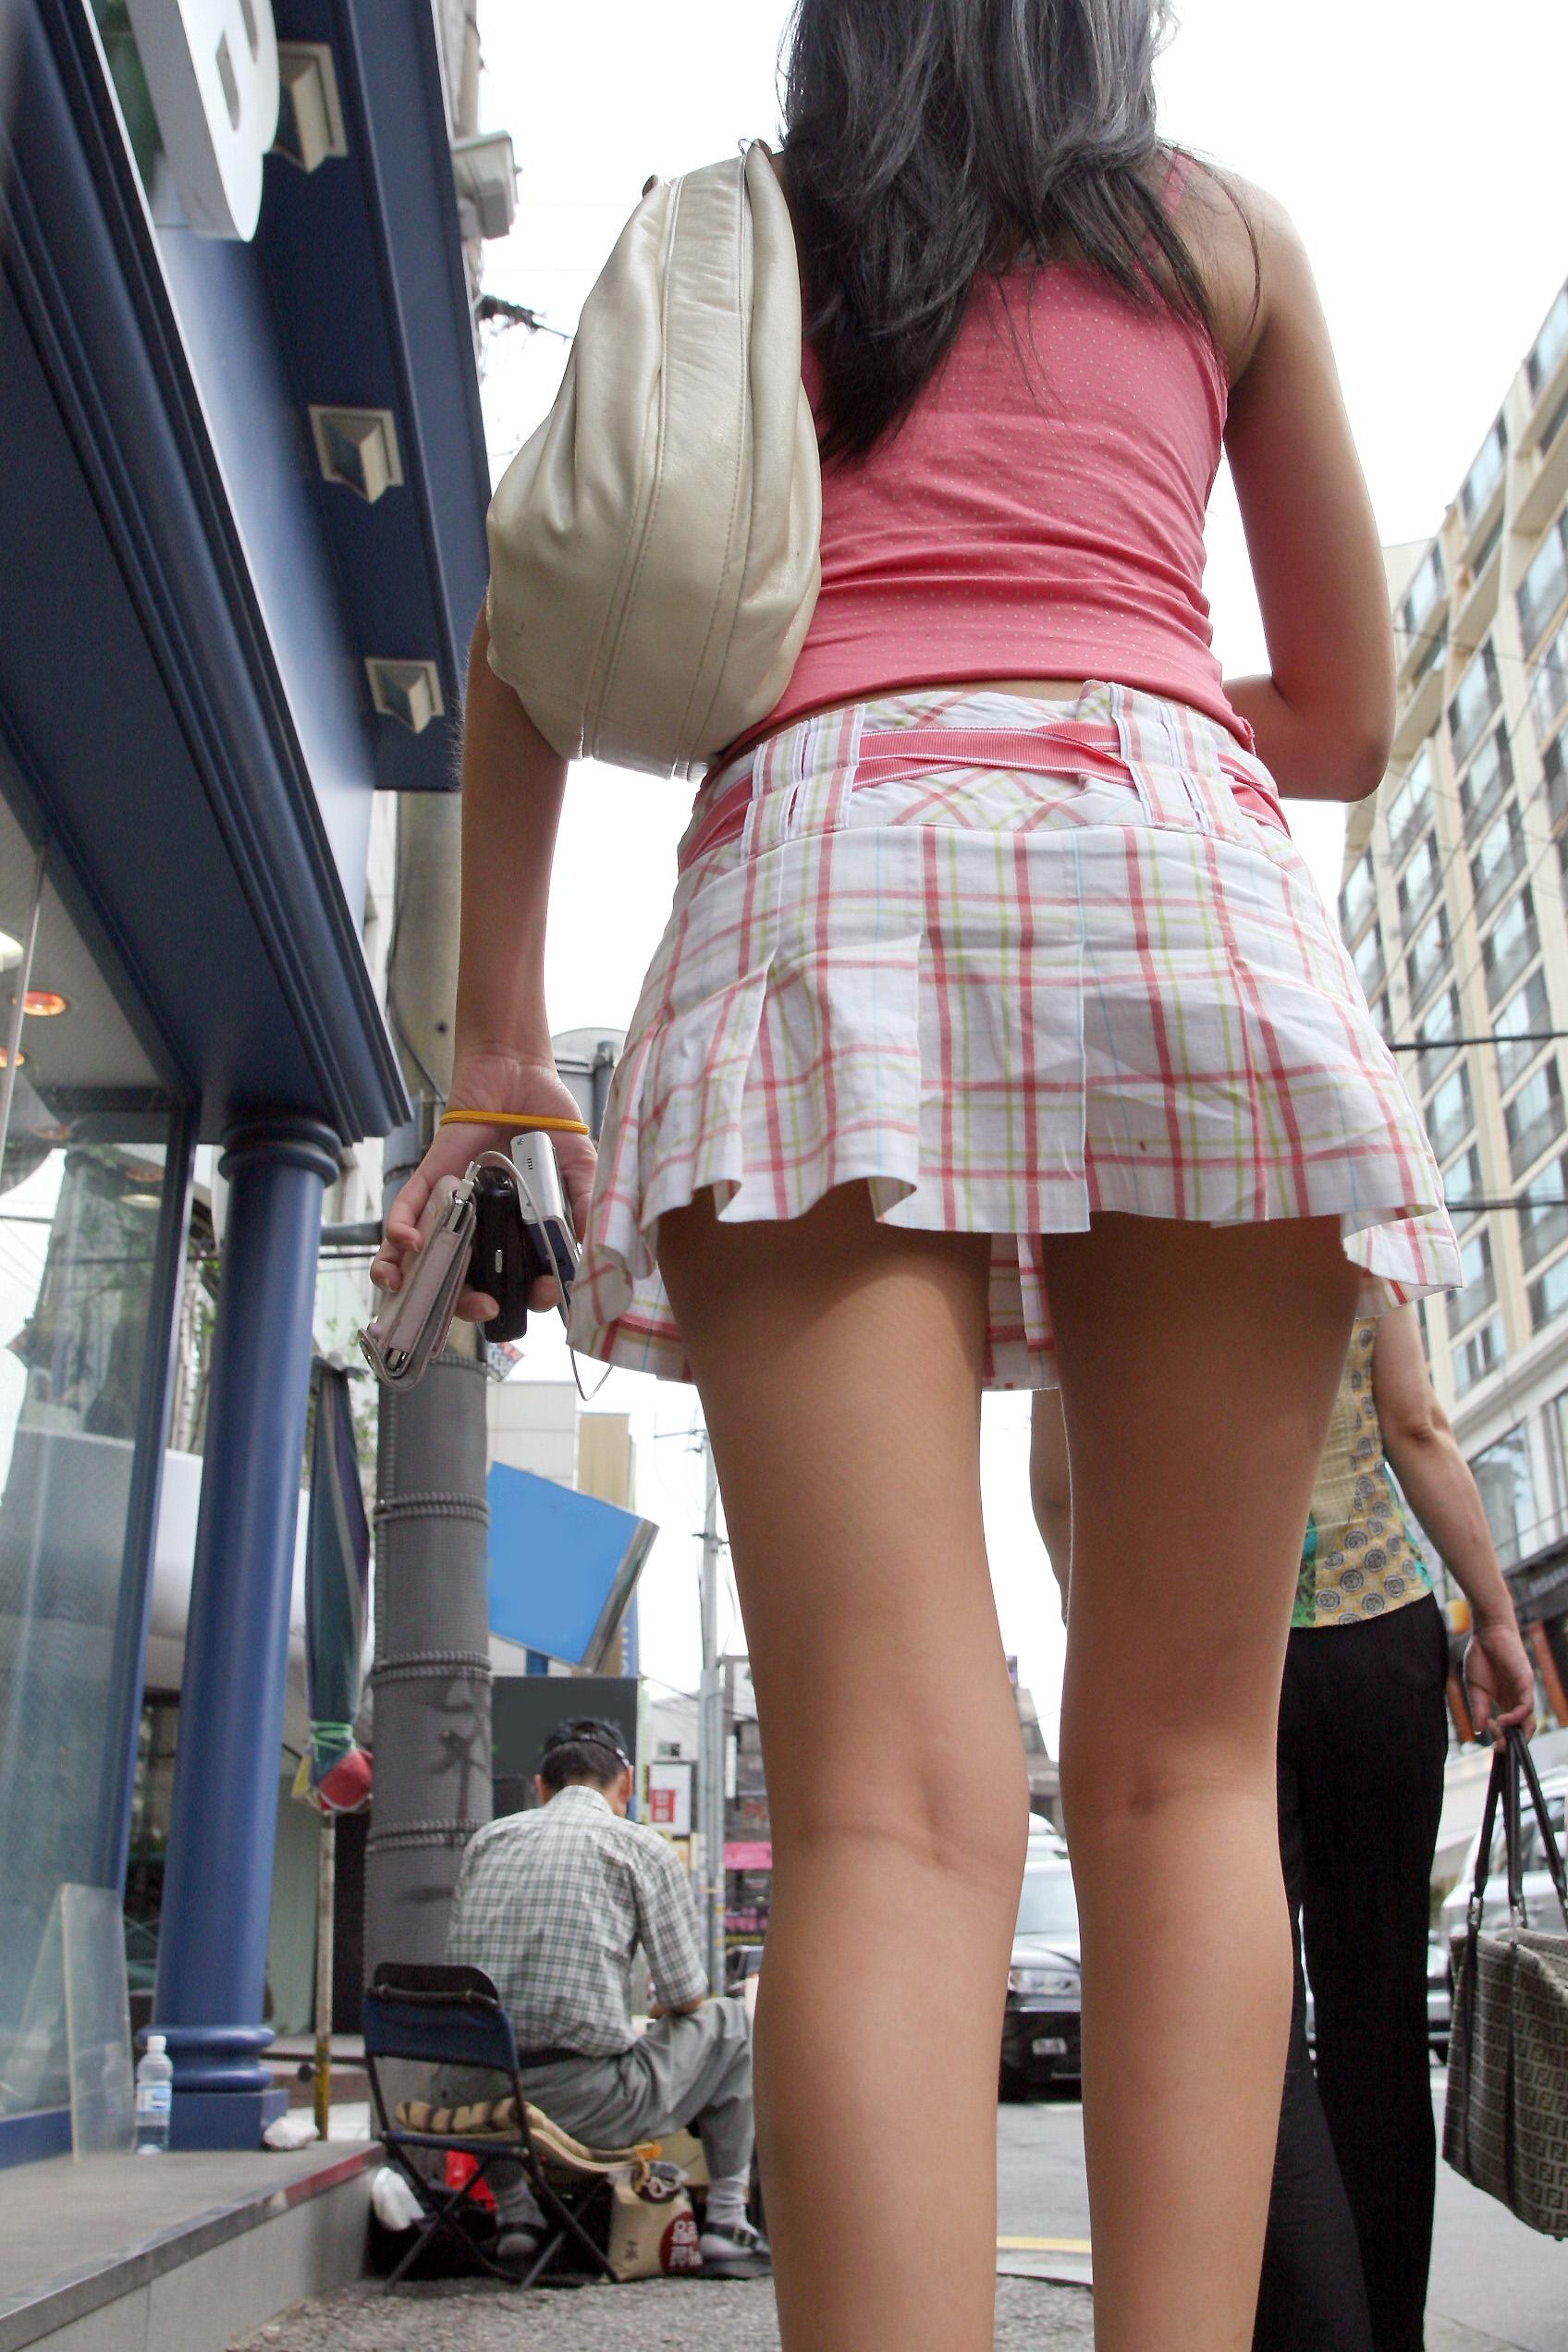 【盗撮】足フェチのワイ、韓国行って街撮りしてきたから画像晒すわwwwwwwwwwwwwww(画像あり)・25枚目